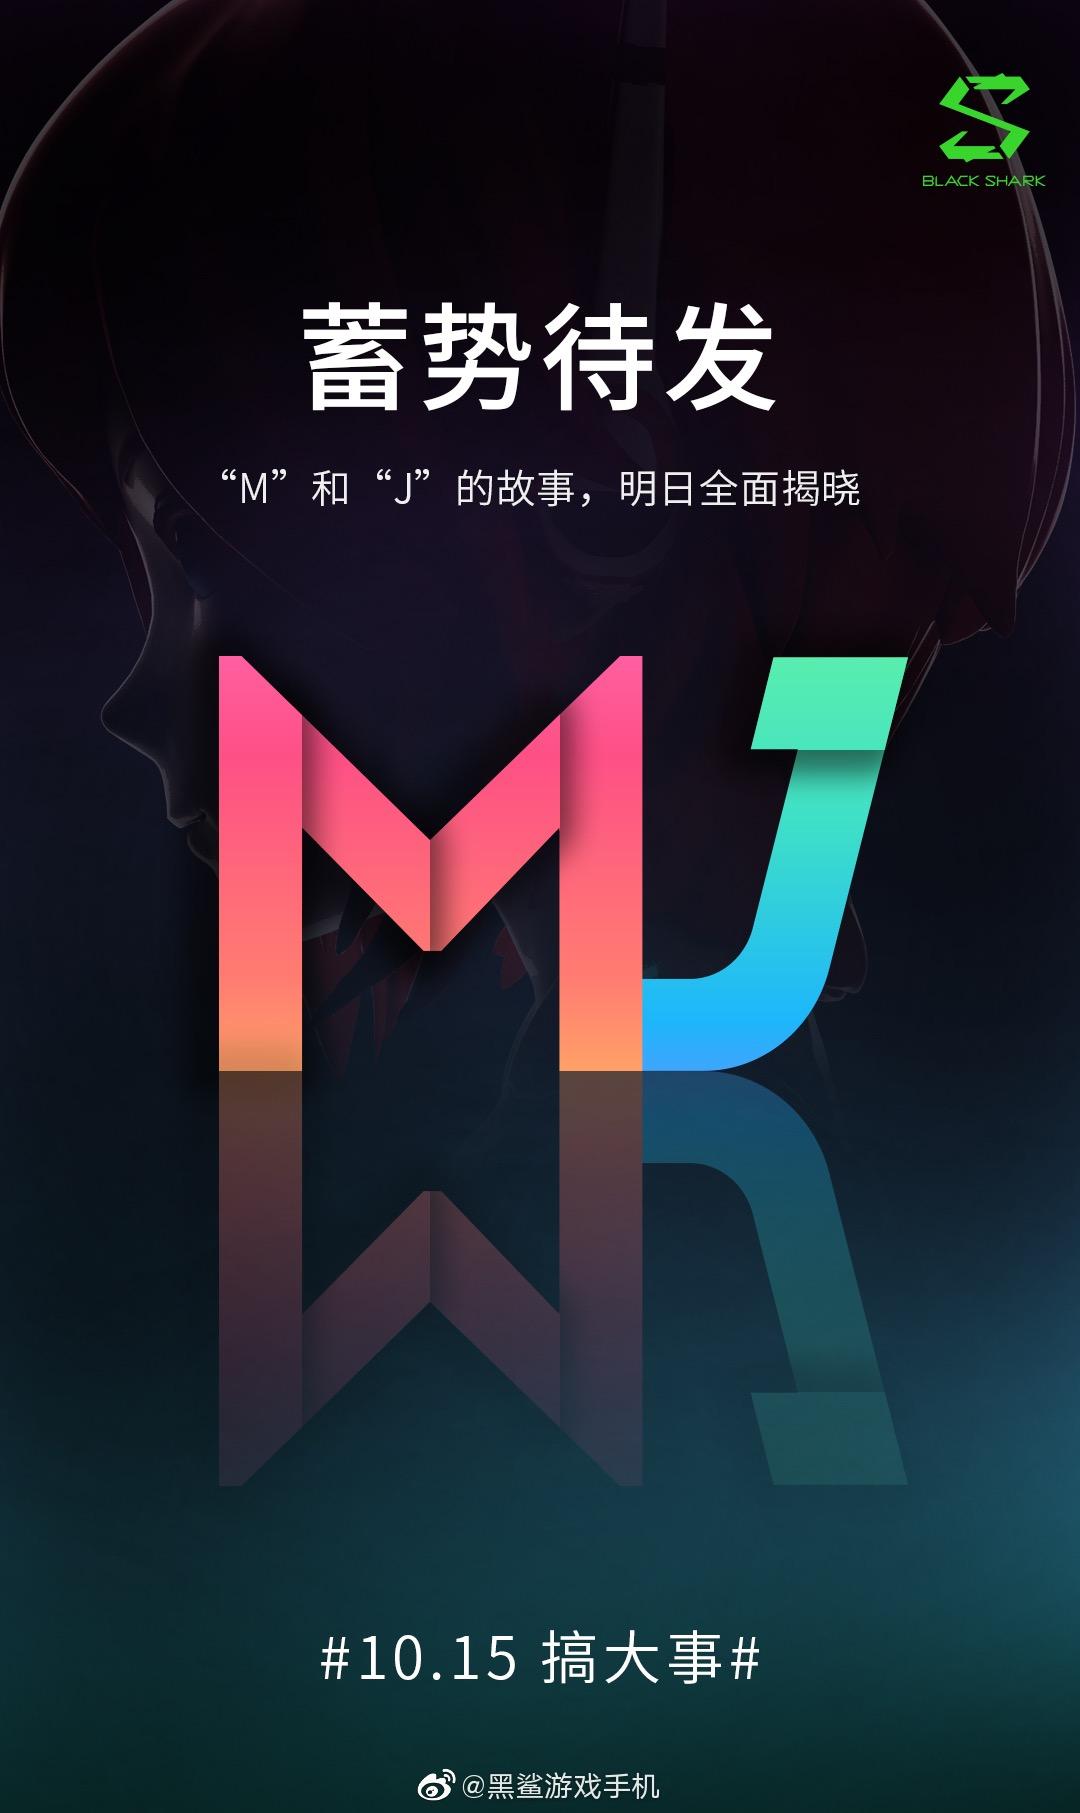 MIUI Joy UI el sistema operativo basado en la capa de personalizació de Xiaomi para los Black Shark. Noticias Xiaomi Adictos